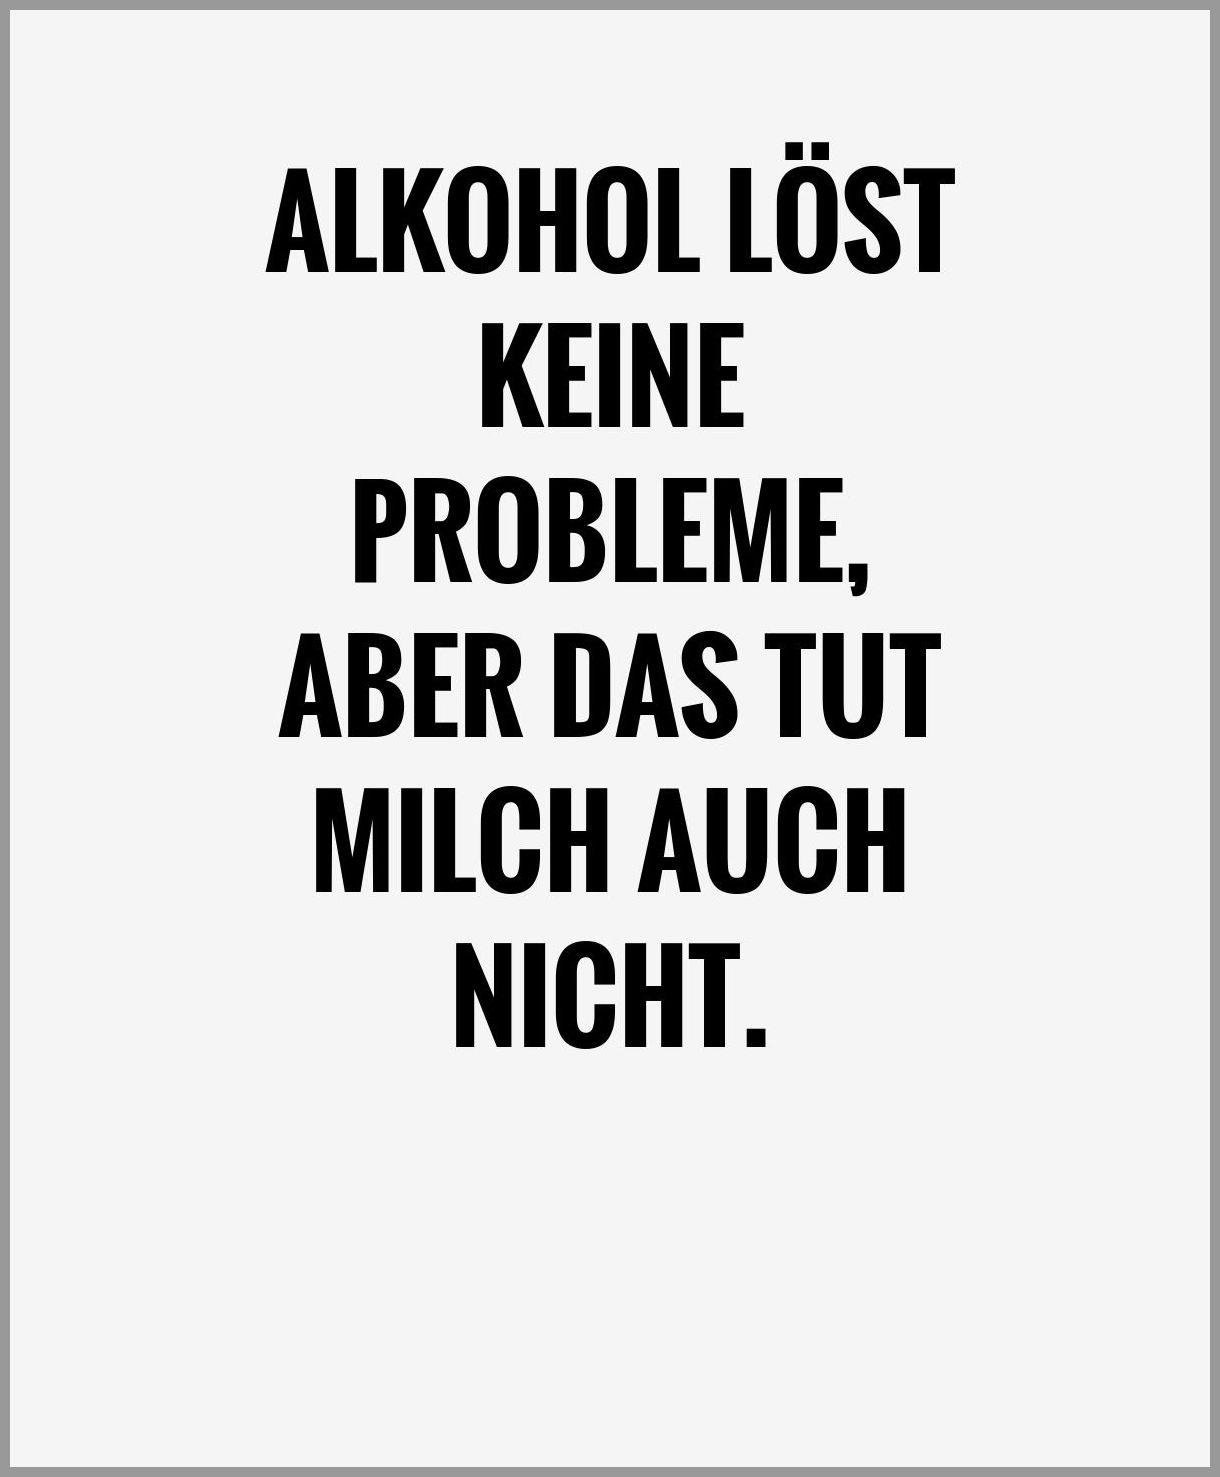 Alkohol loest keine probleme aber das tut milch auch nicht - Alkohol loest keine probleme aber das tut milch auch nicht